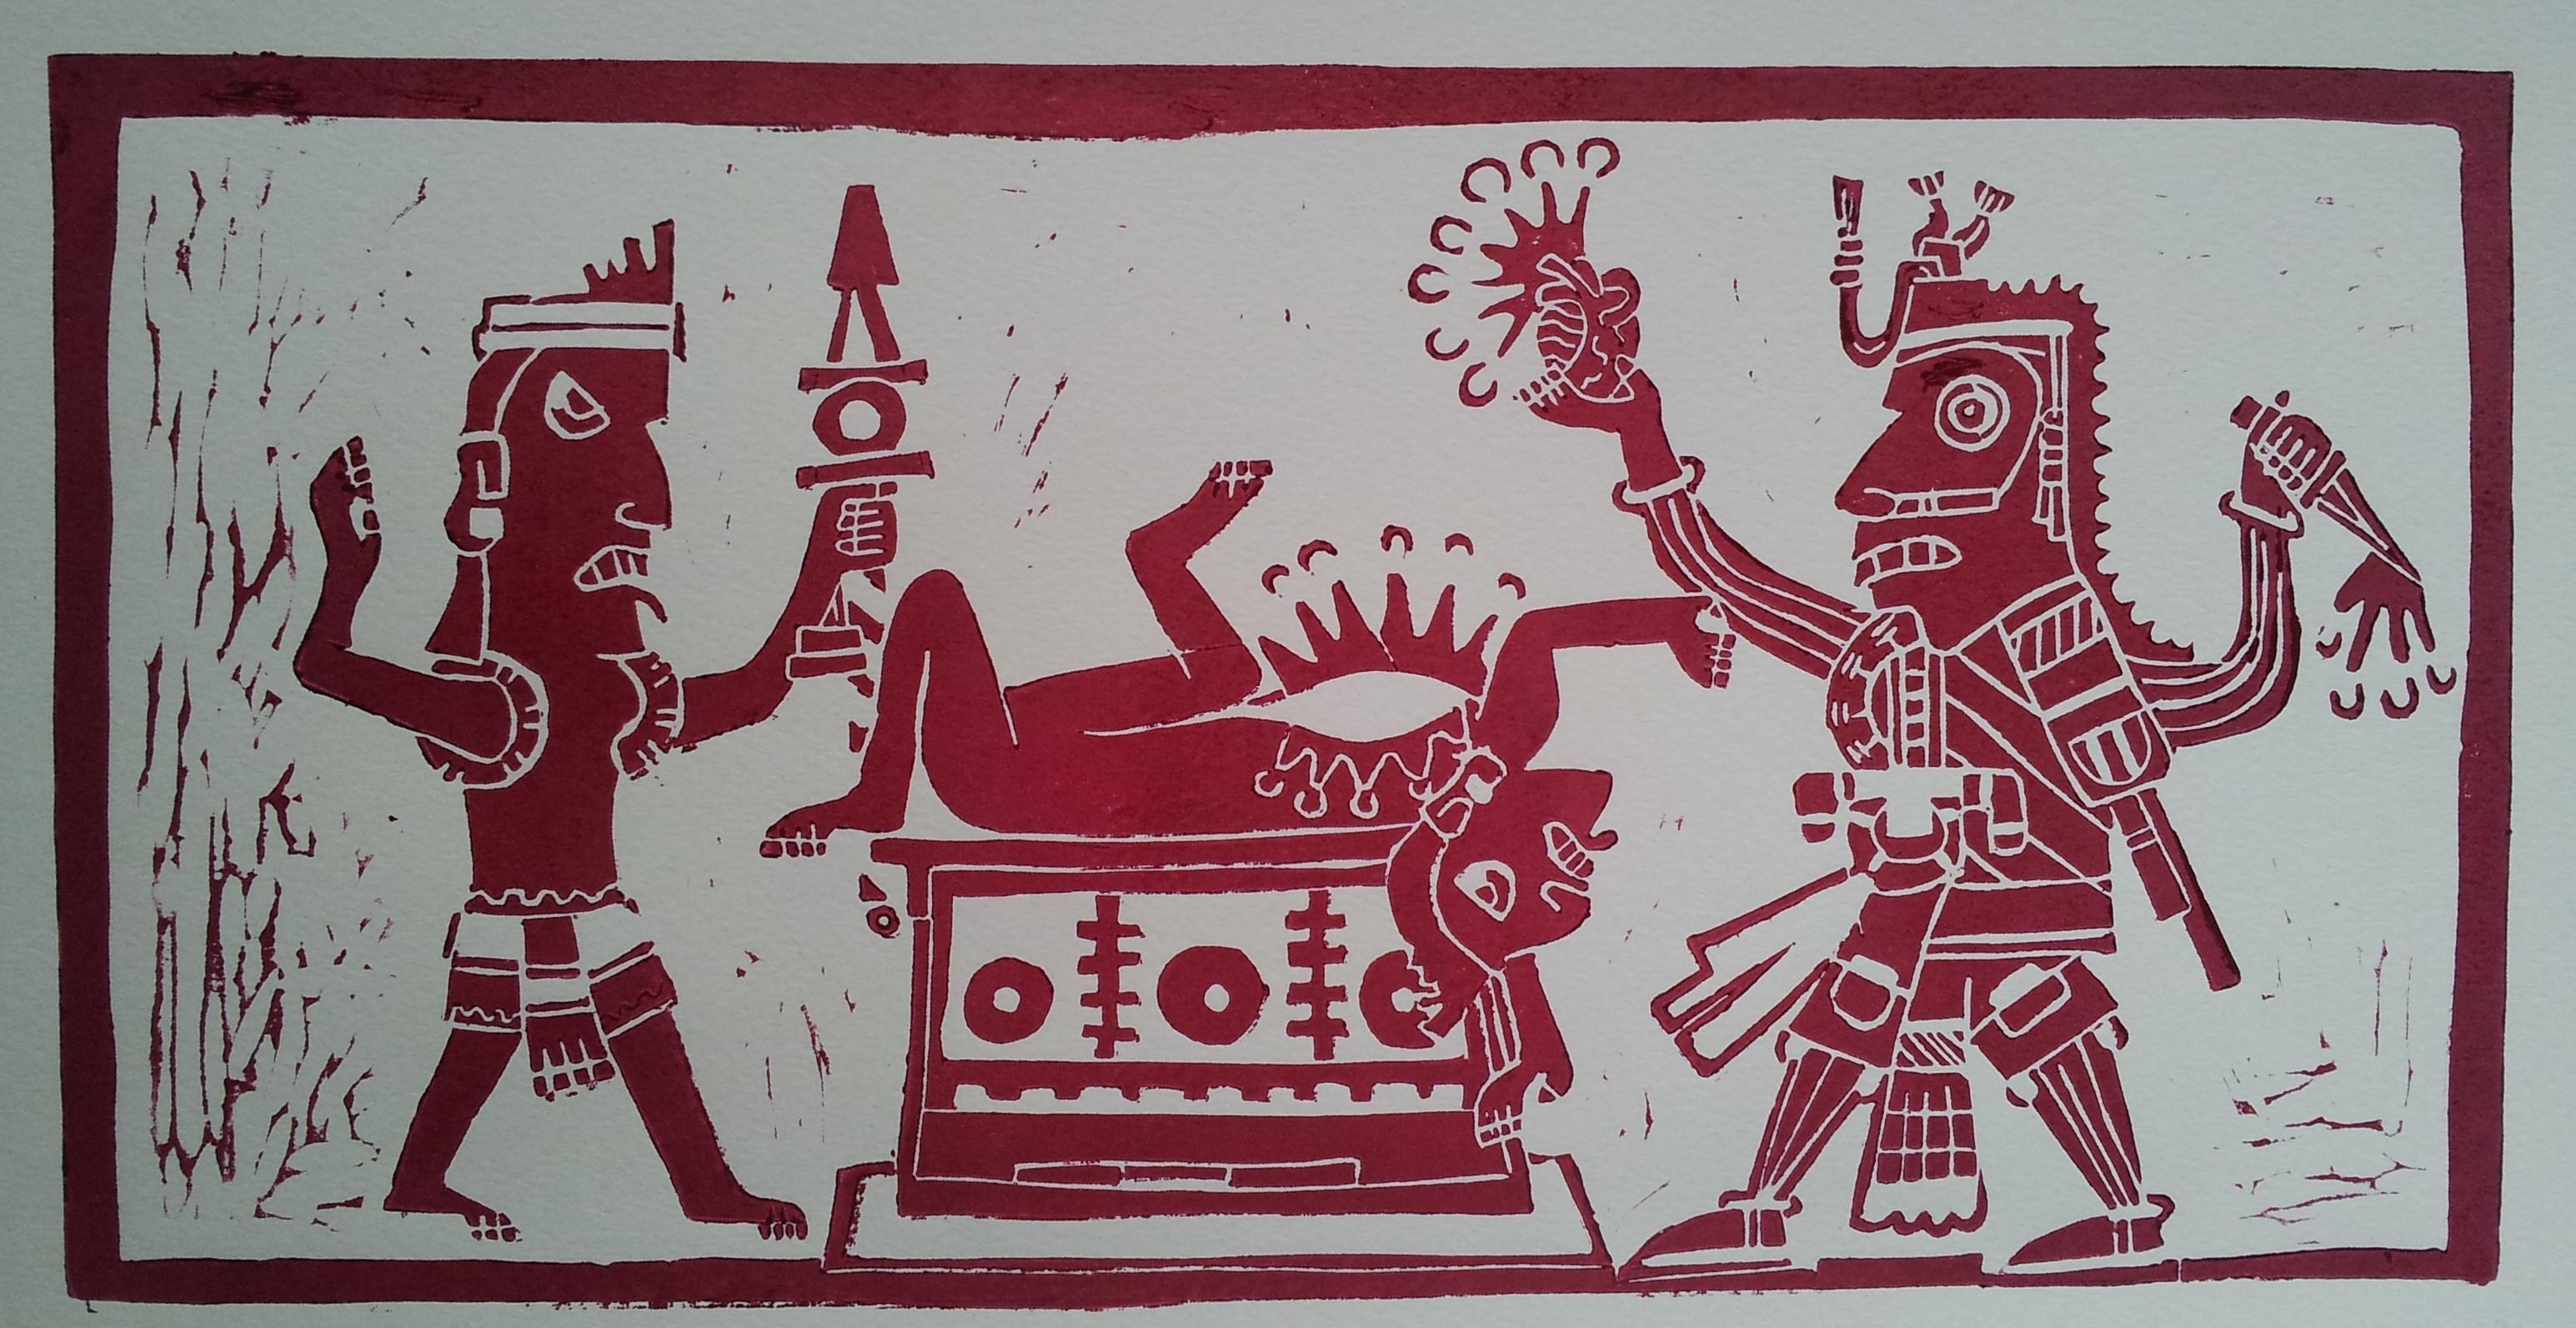 Aztec sacrifice girl exploited image